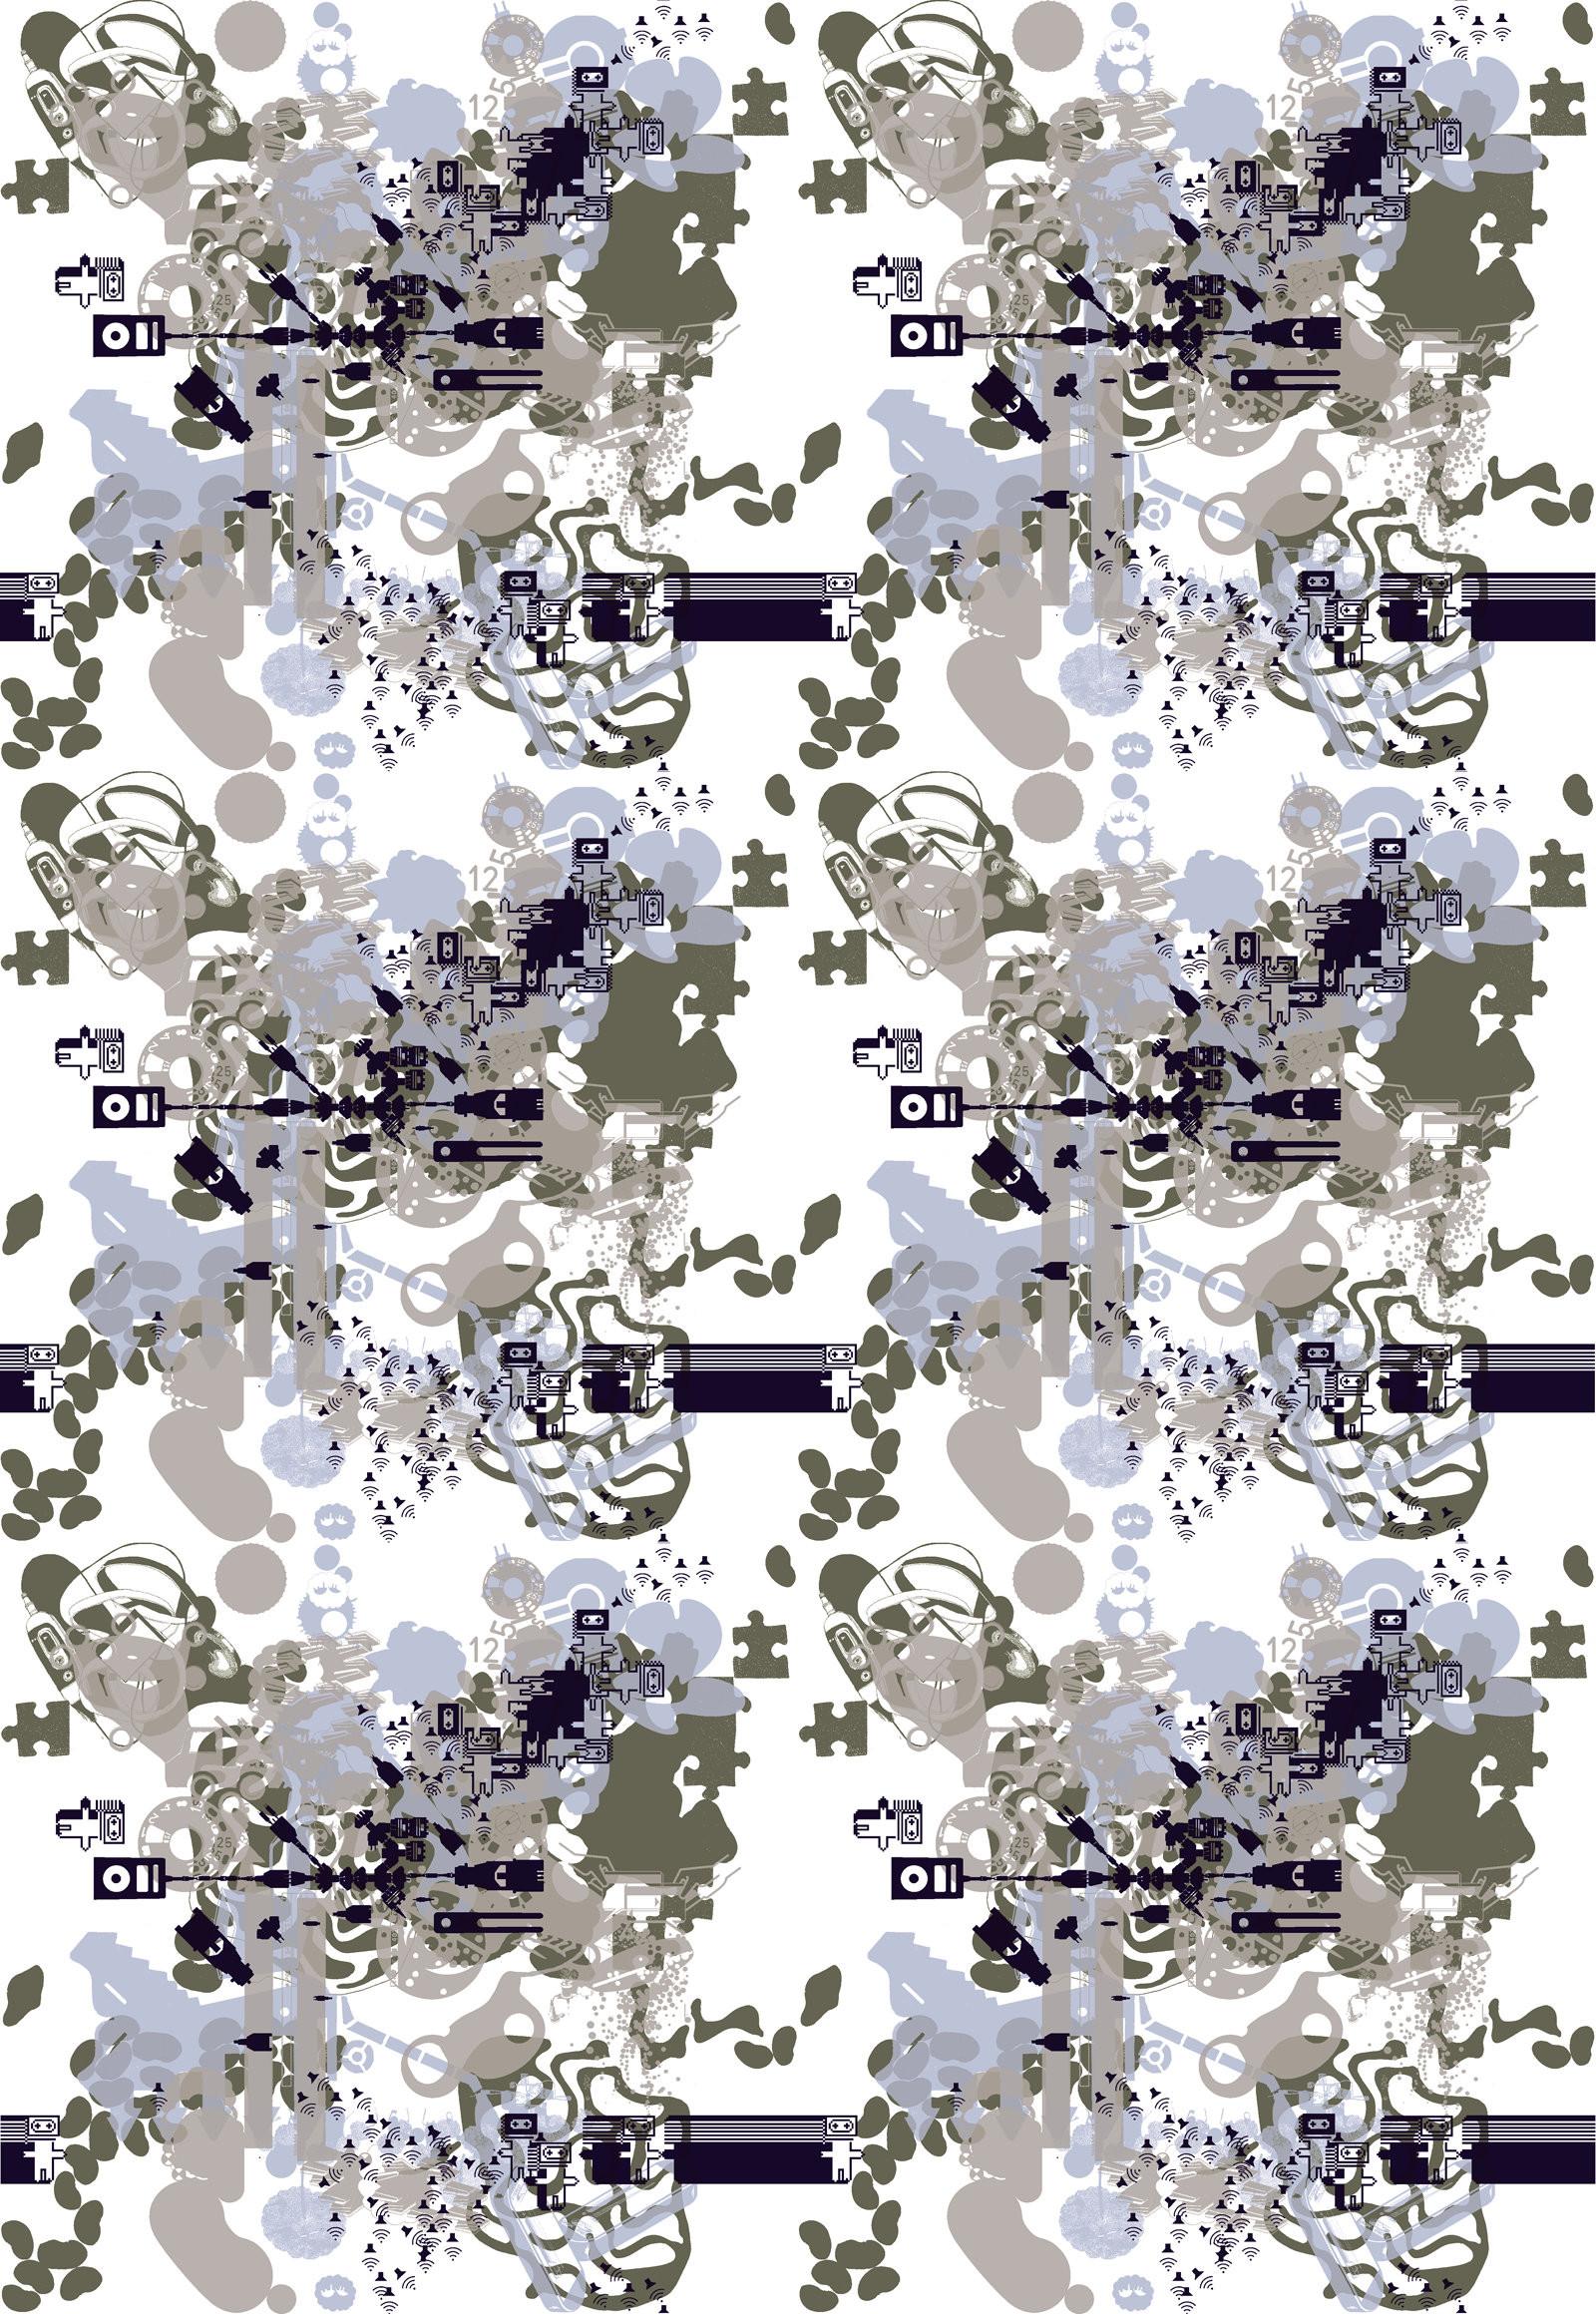 the m/m wallpaper poster 1.2 [vicinato 2 colors] 2000 the m/m wallpaper  poster 1.3 [annlee colors PH] 2001